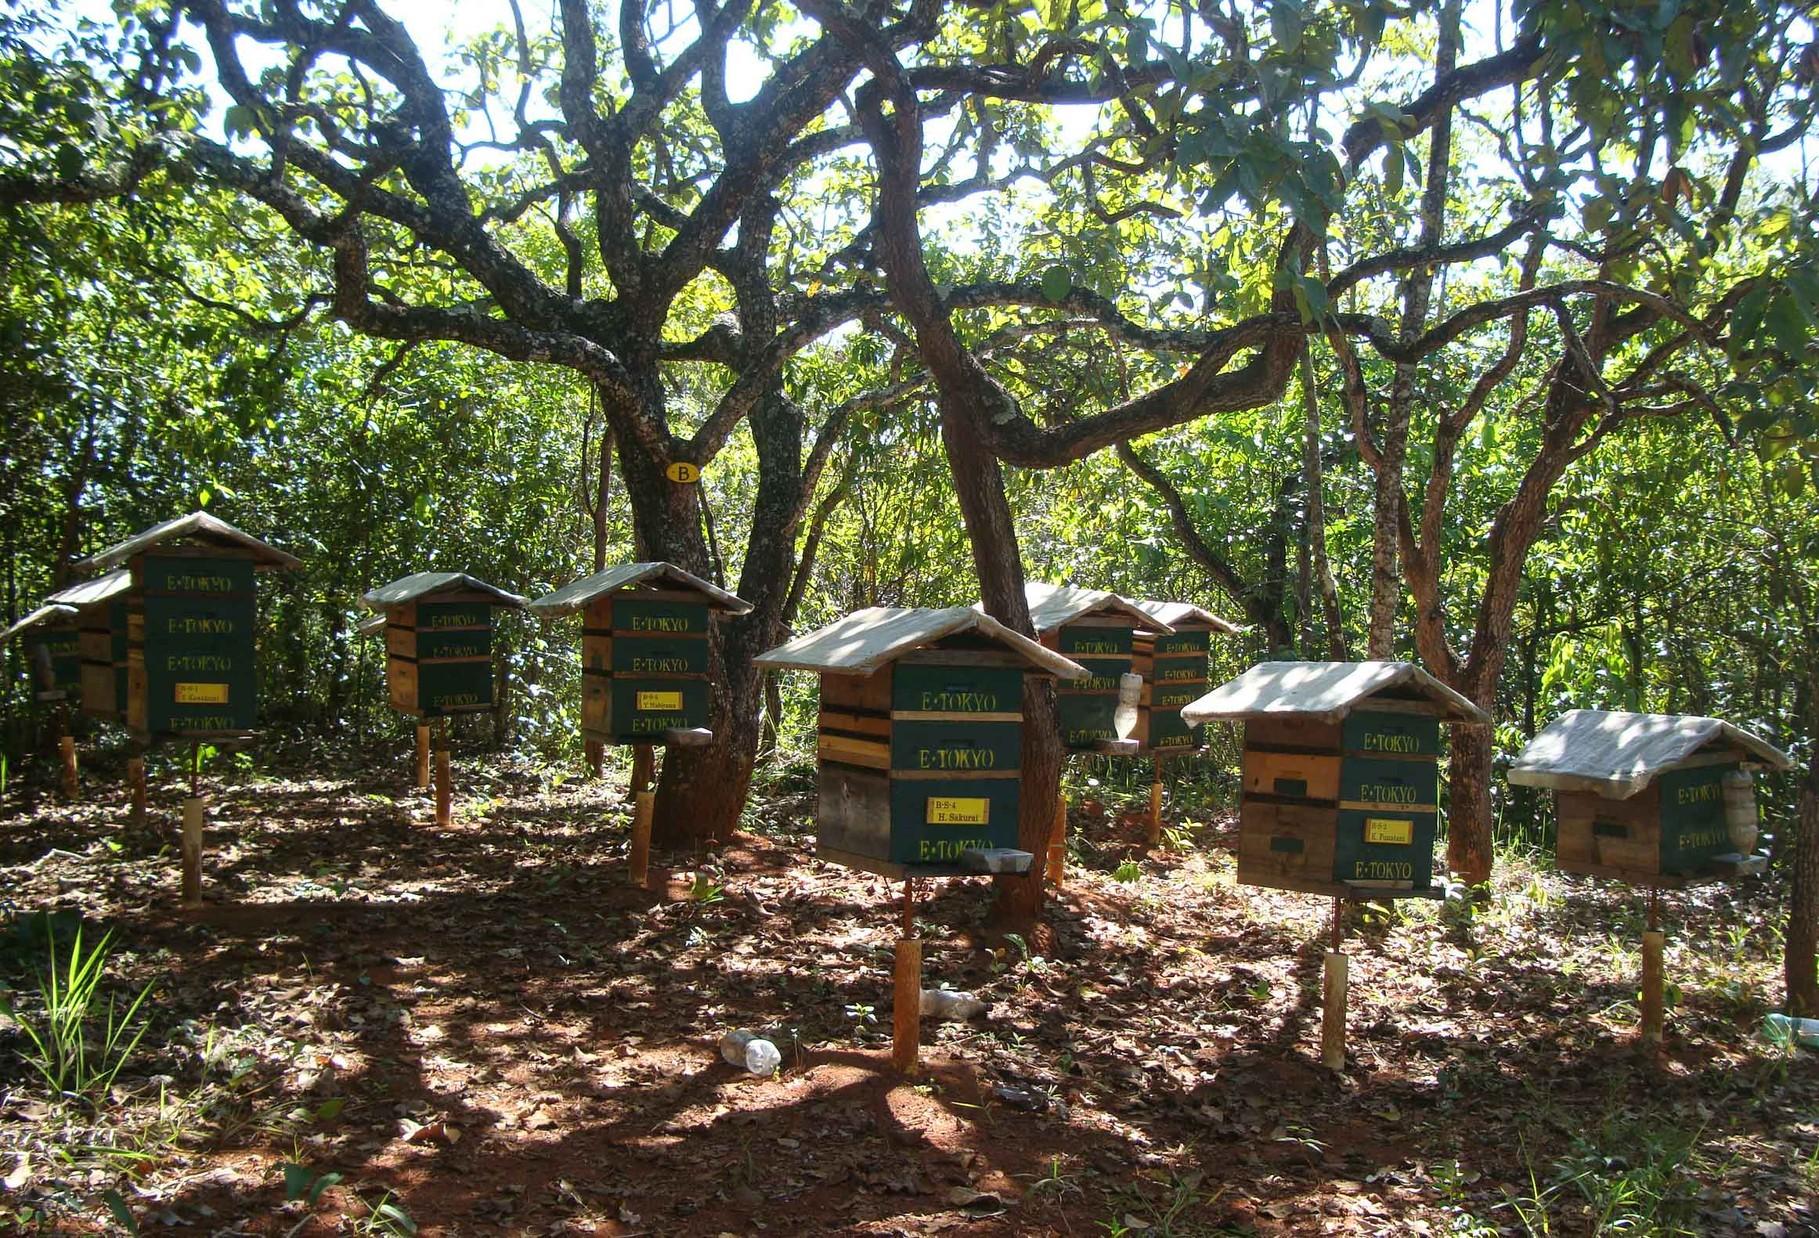 Bの巣箱エリア。3ケ月近く雨が降っていなかった割には順調に巣が大きくなっています。